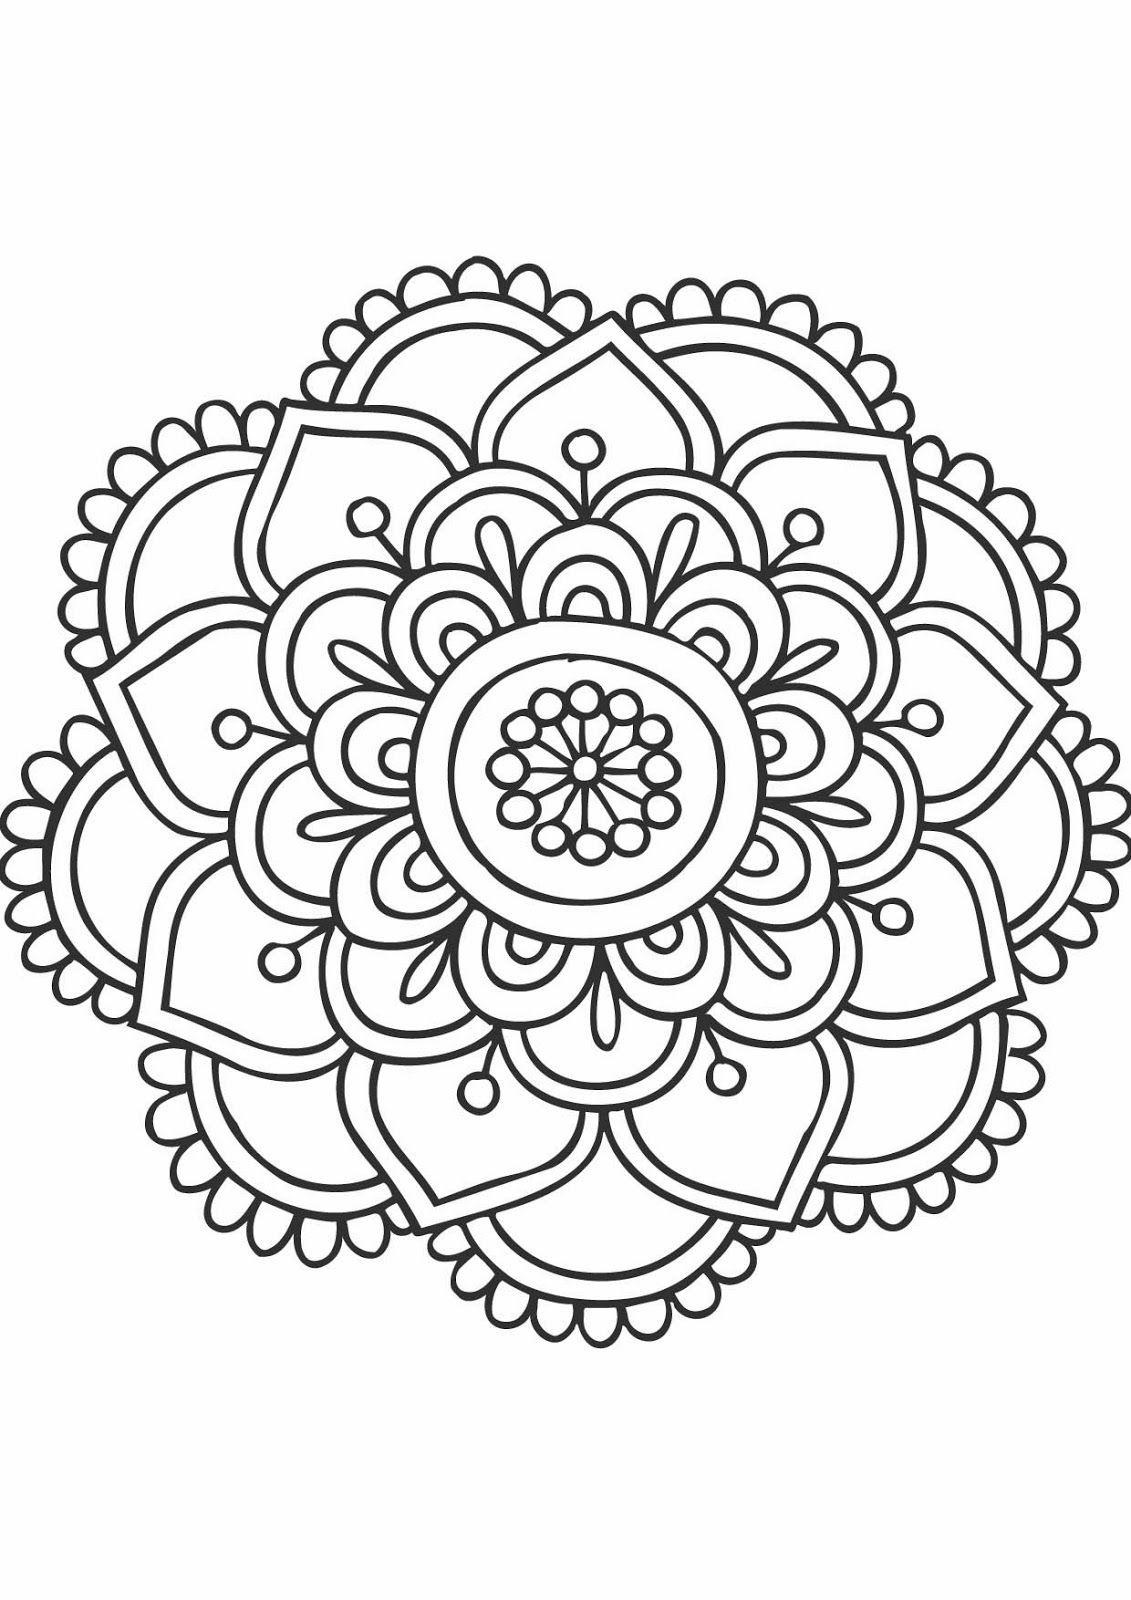 Les Lectures De Carol: Les Mandalas | Mandala Coloring Pages avec Hugo L Escargot Coloriage Mandala